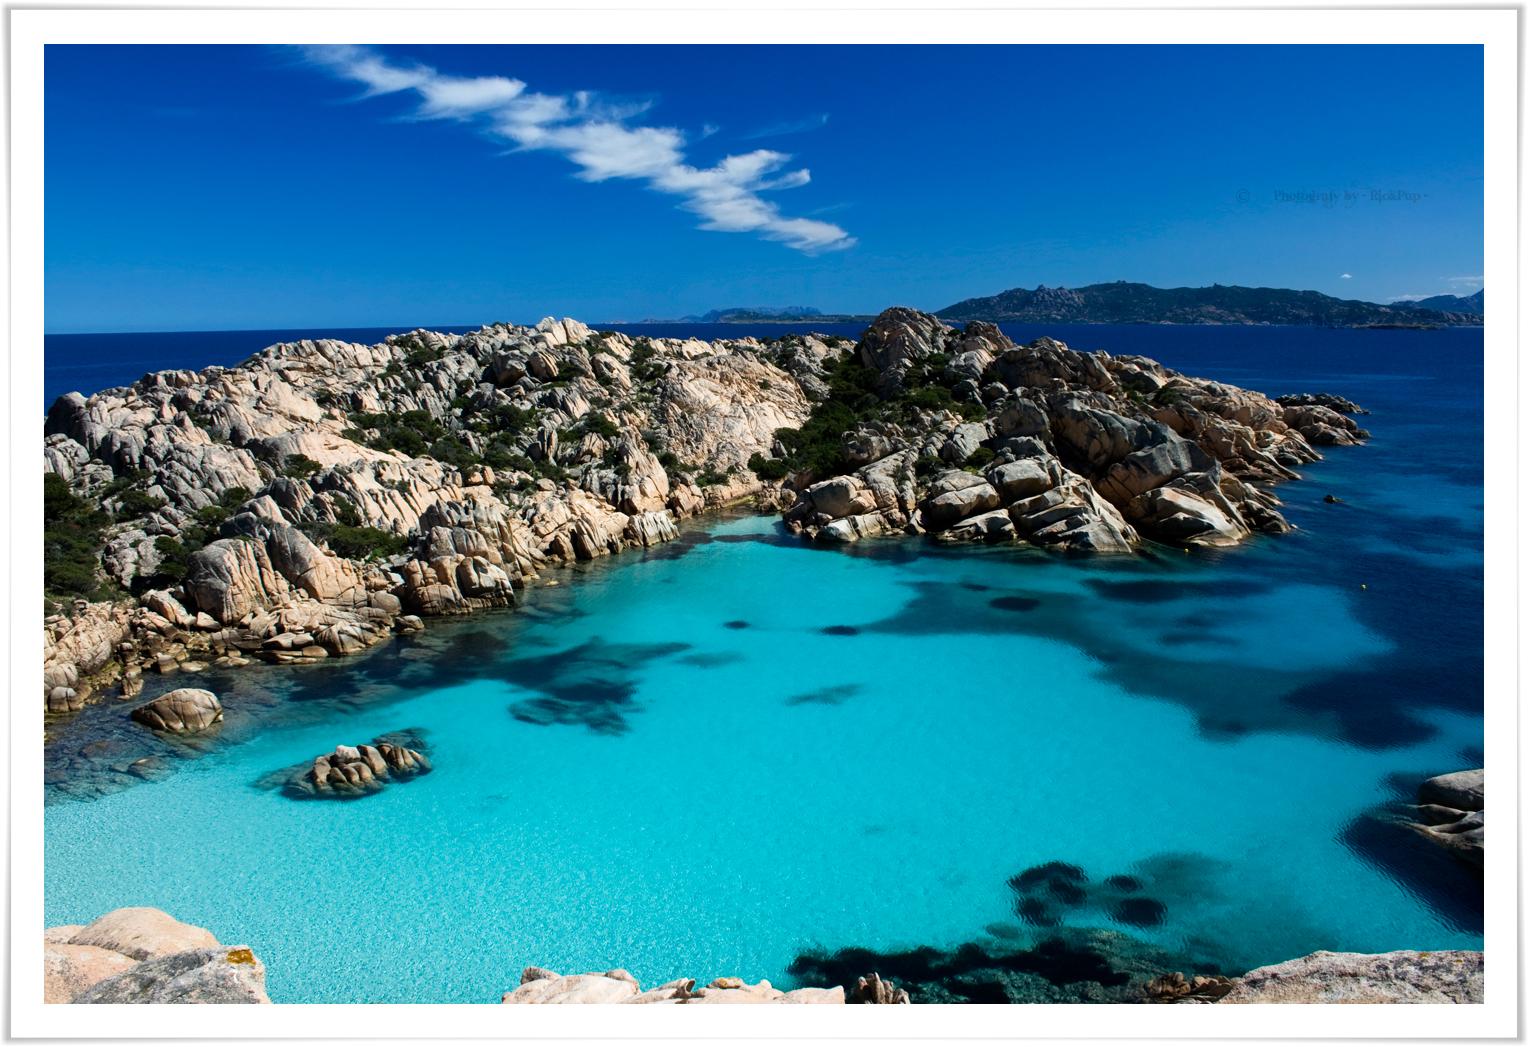 Sfondi Sardegna Mare Spiaggia Flickr Paradiso Cavalla